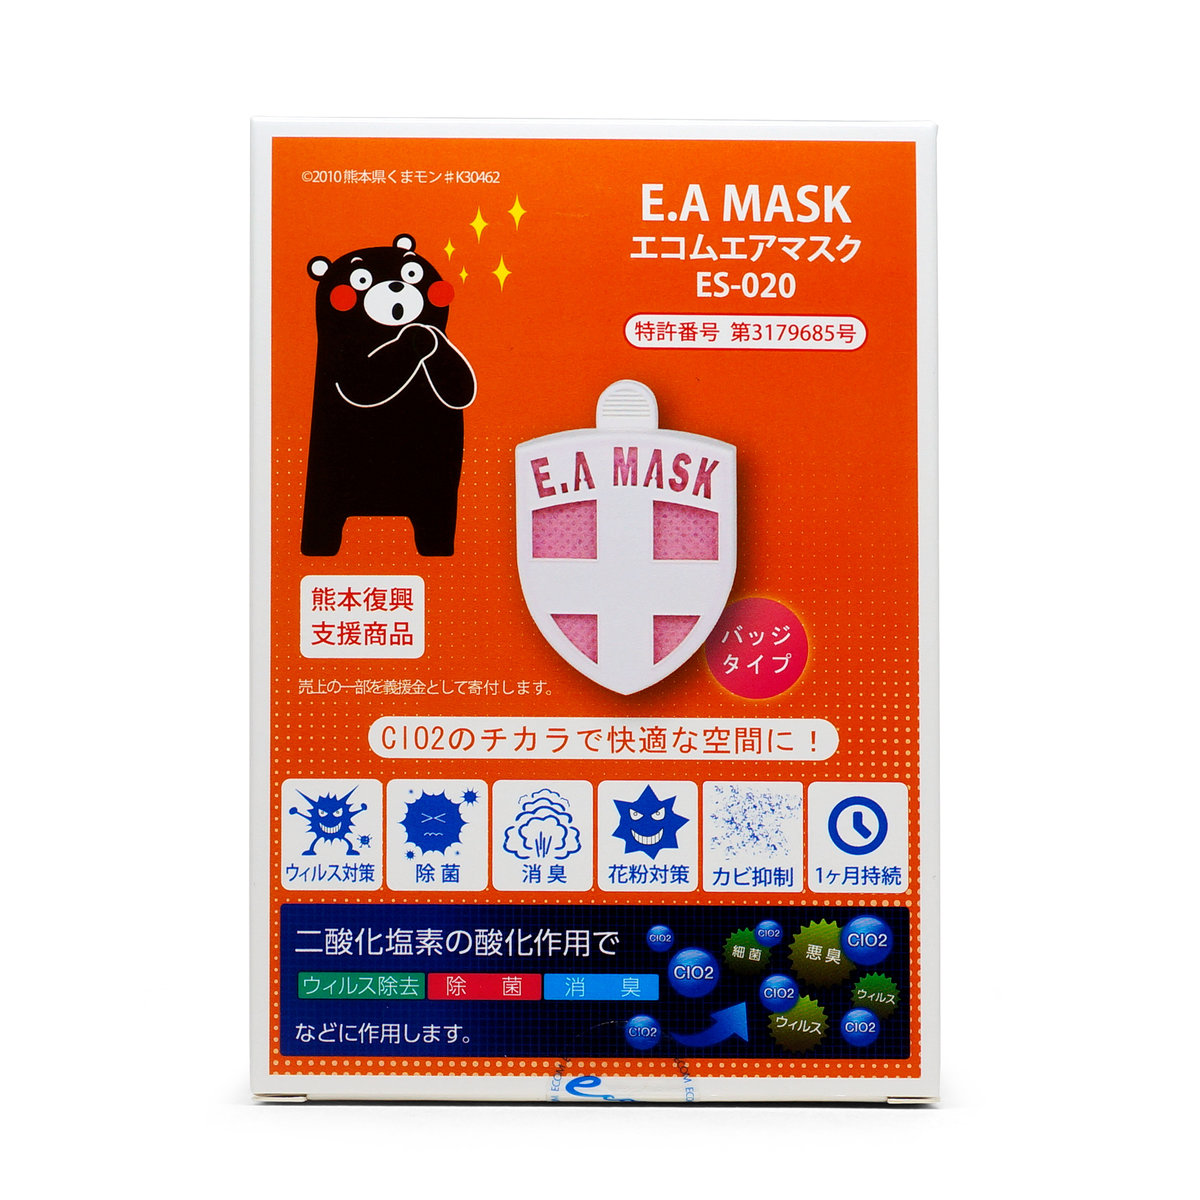 E.A. Mask 健康勳章日本第五代(粉紅色) (4907211129222)